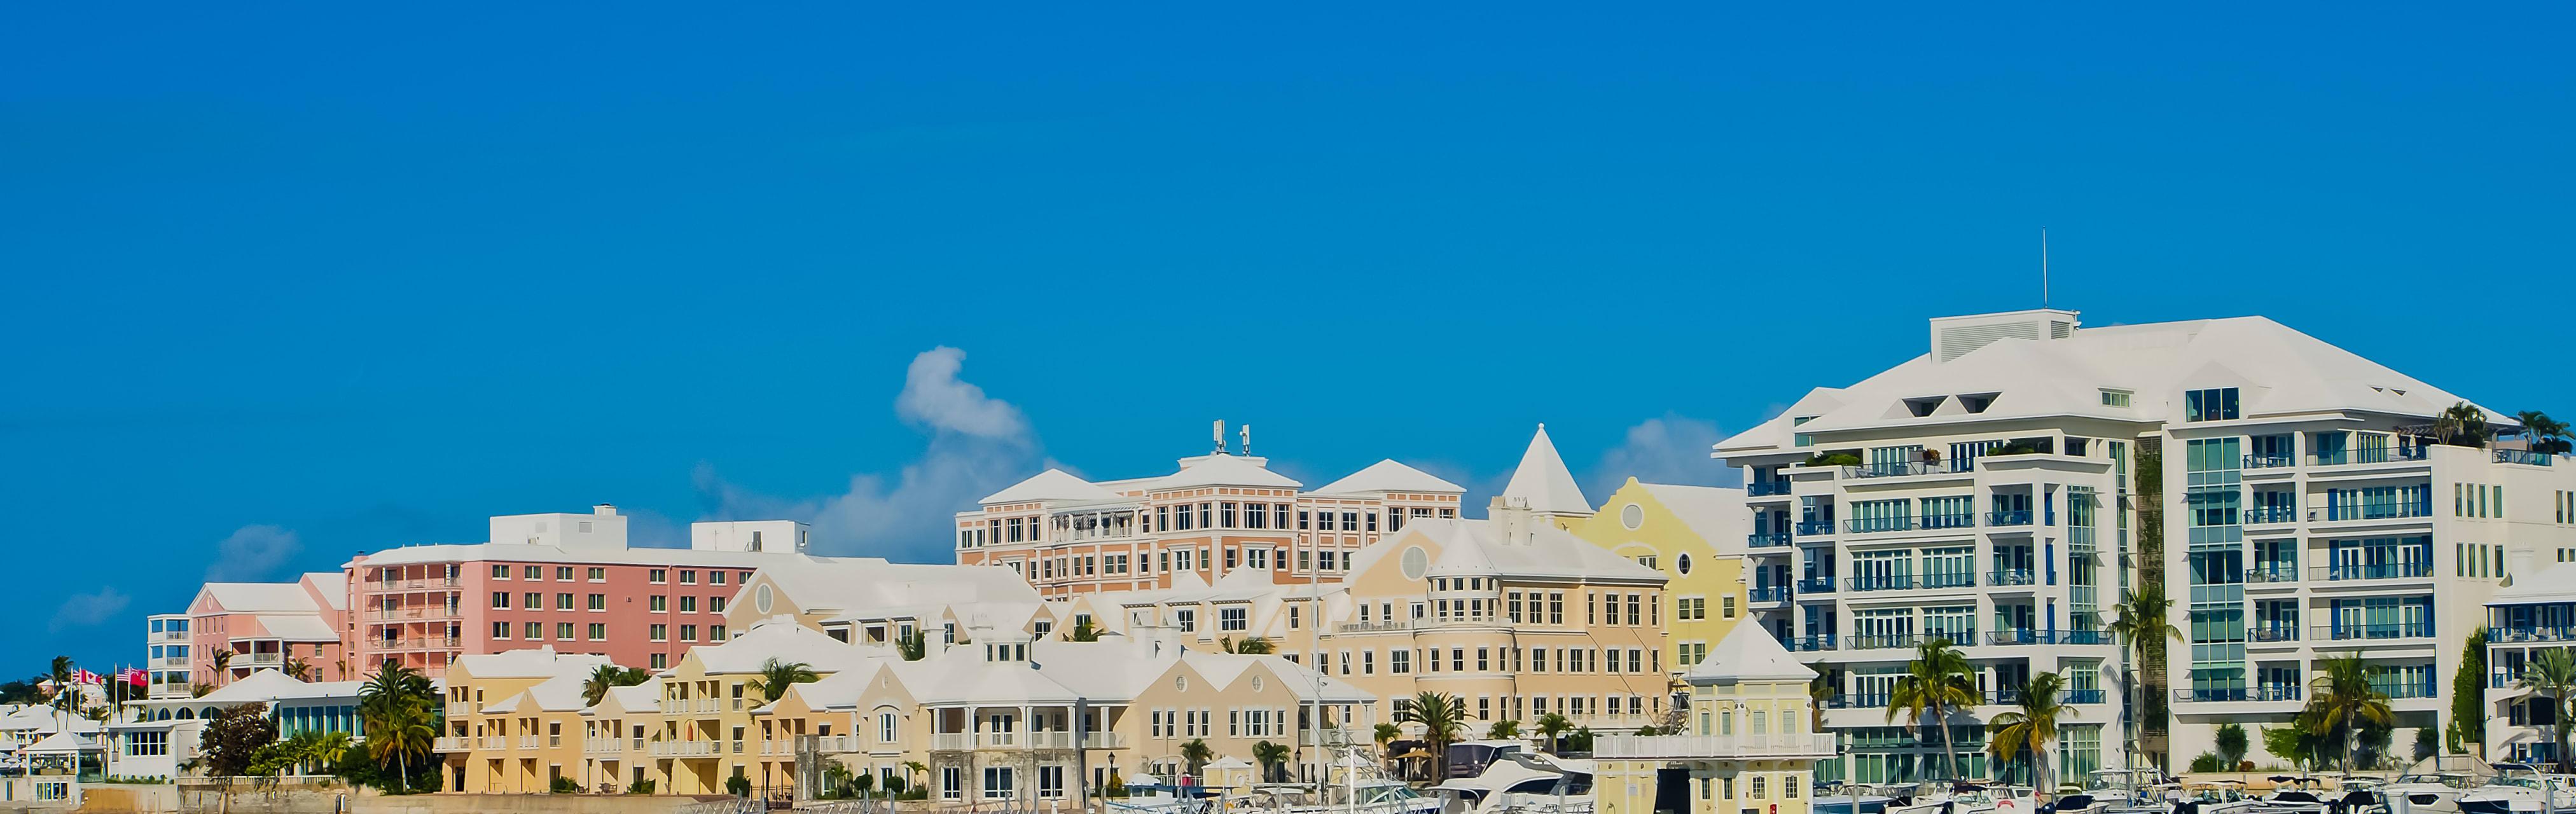 Bermuda - City of Hamilton, Bermuda